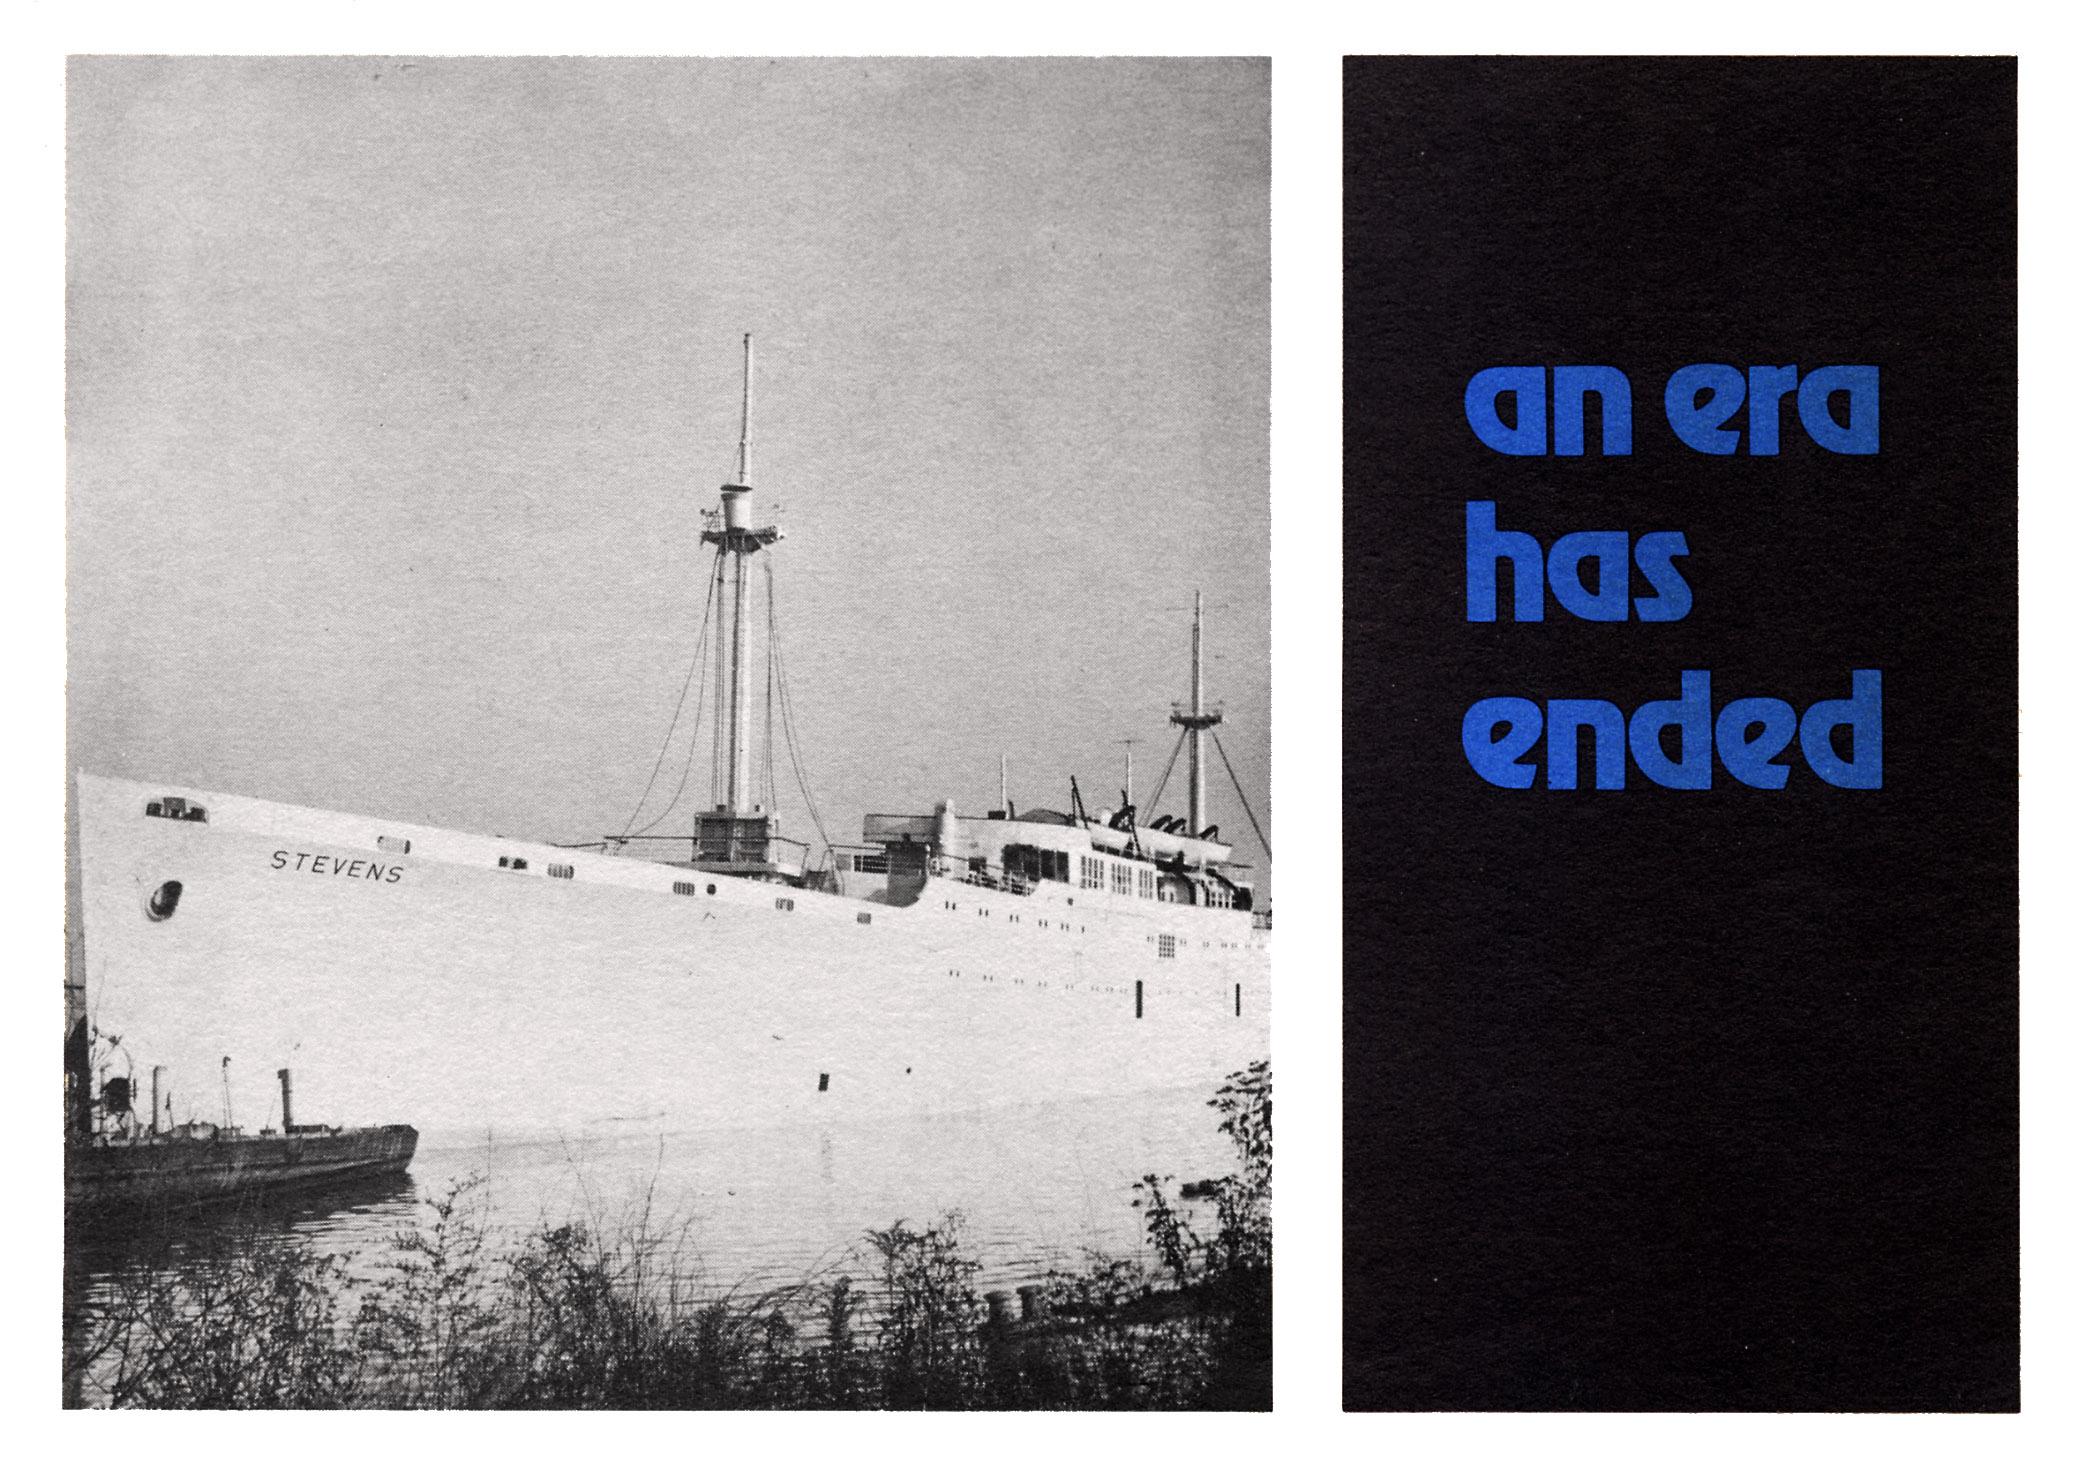 File:SS Stevens 1979 memento card 01 jpg - Wikimedia Commons